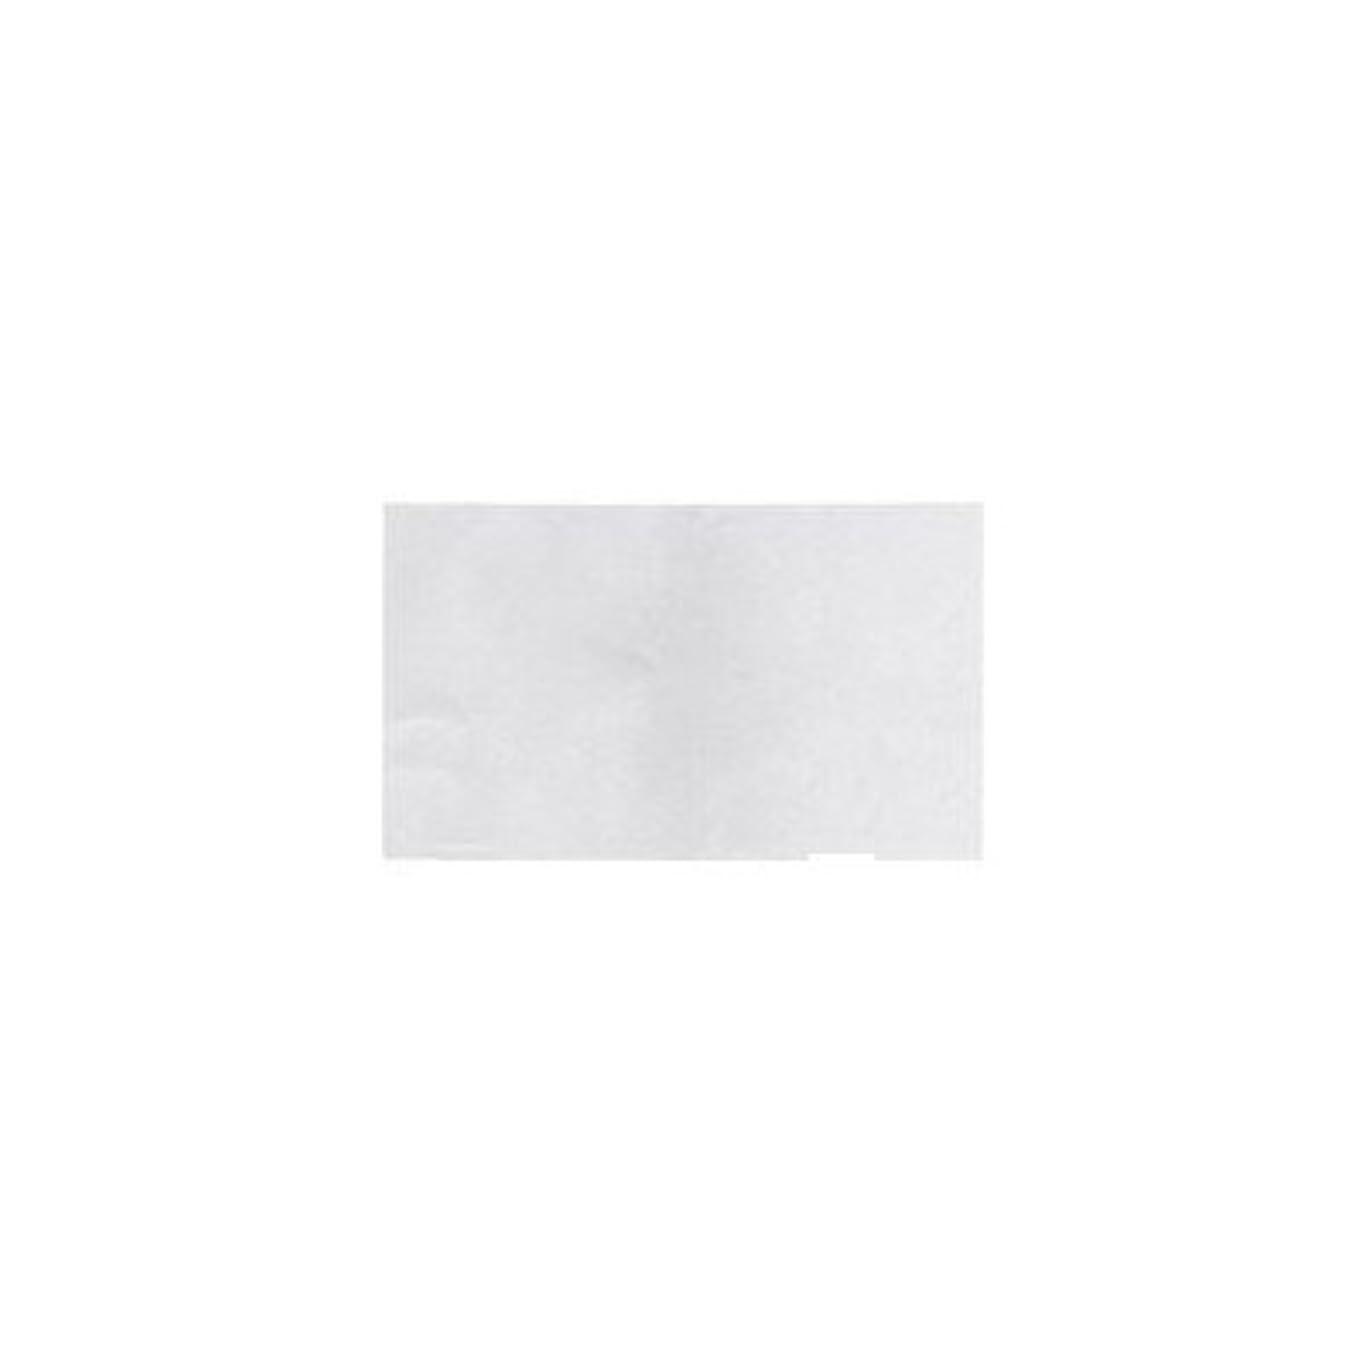 ぴかぴかマークダウン個人的なミクレア MICREA チップ&ラップ用ビニール 30枚